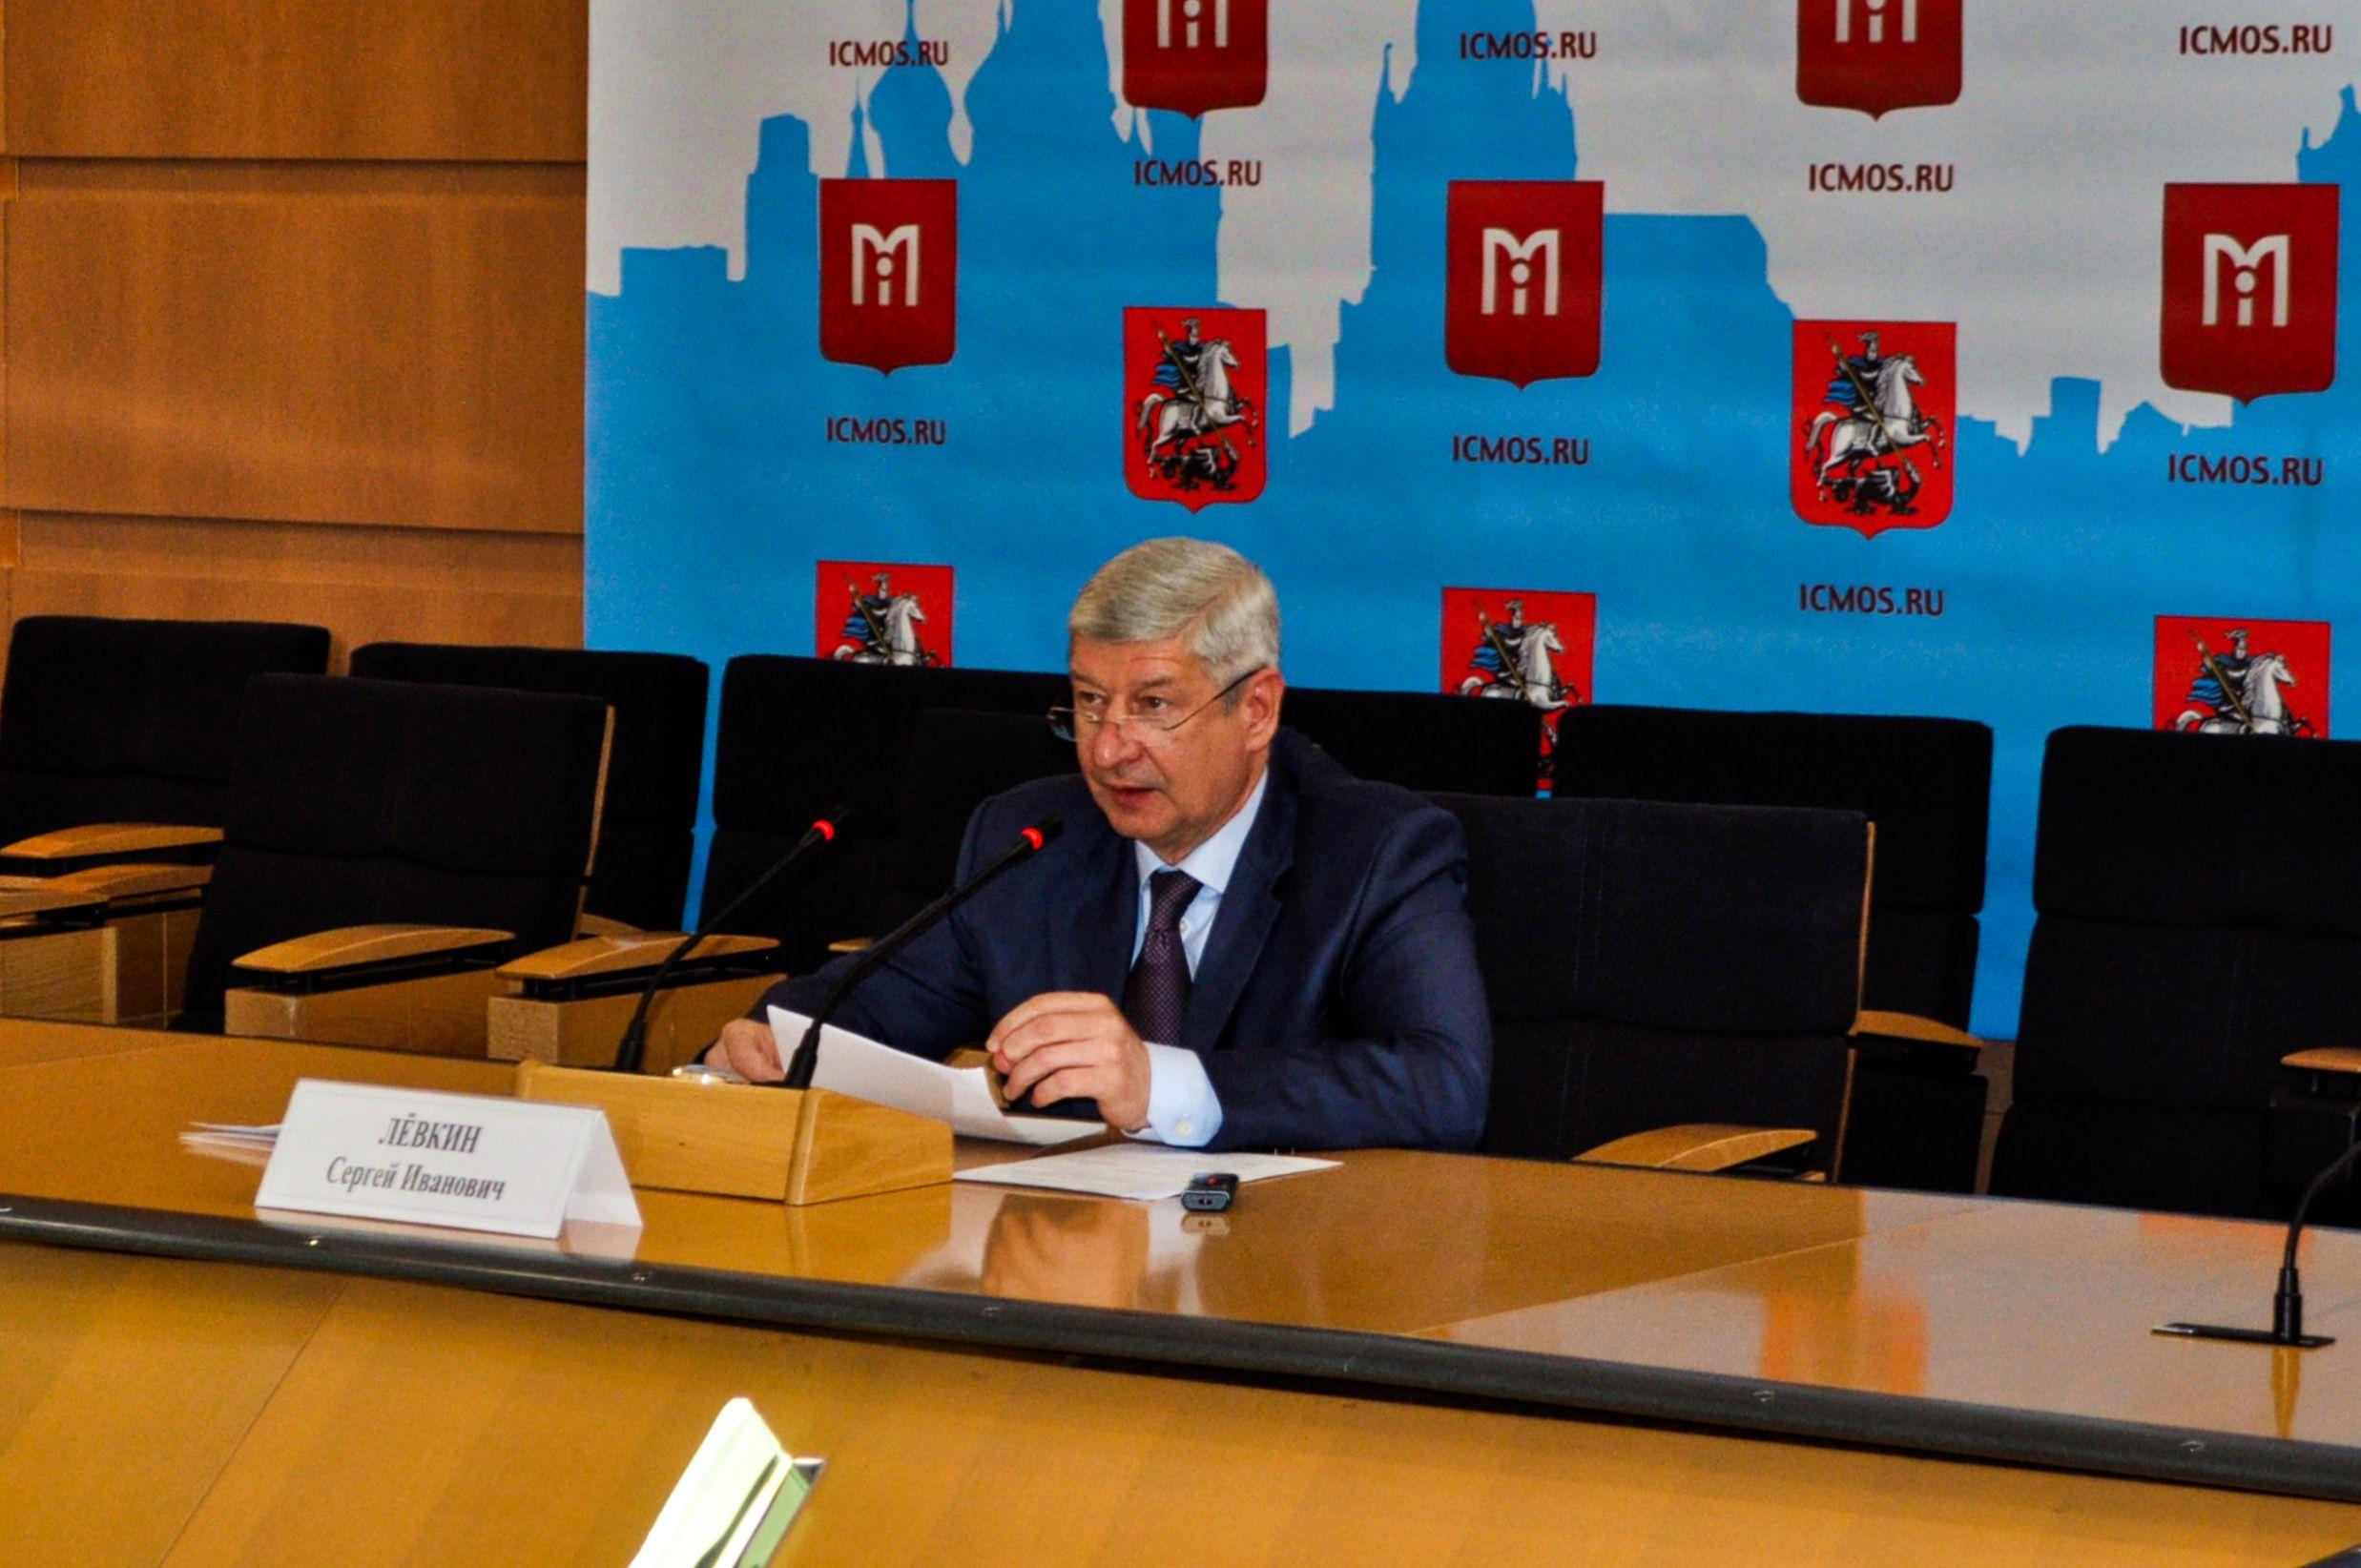 Промежуточные итоги программы развития территории Москвы озвучили на пресс-конференции